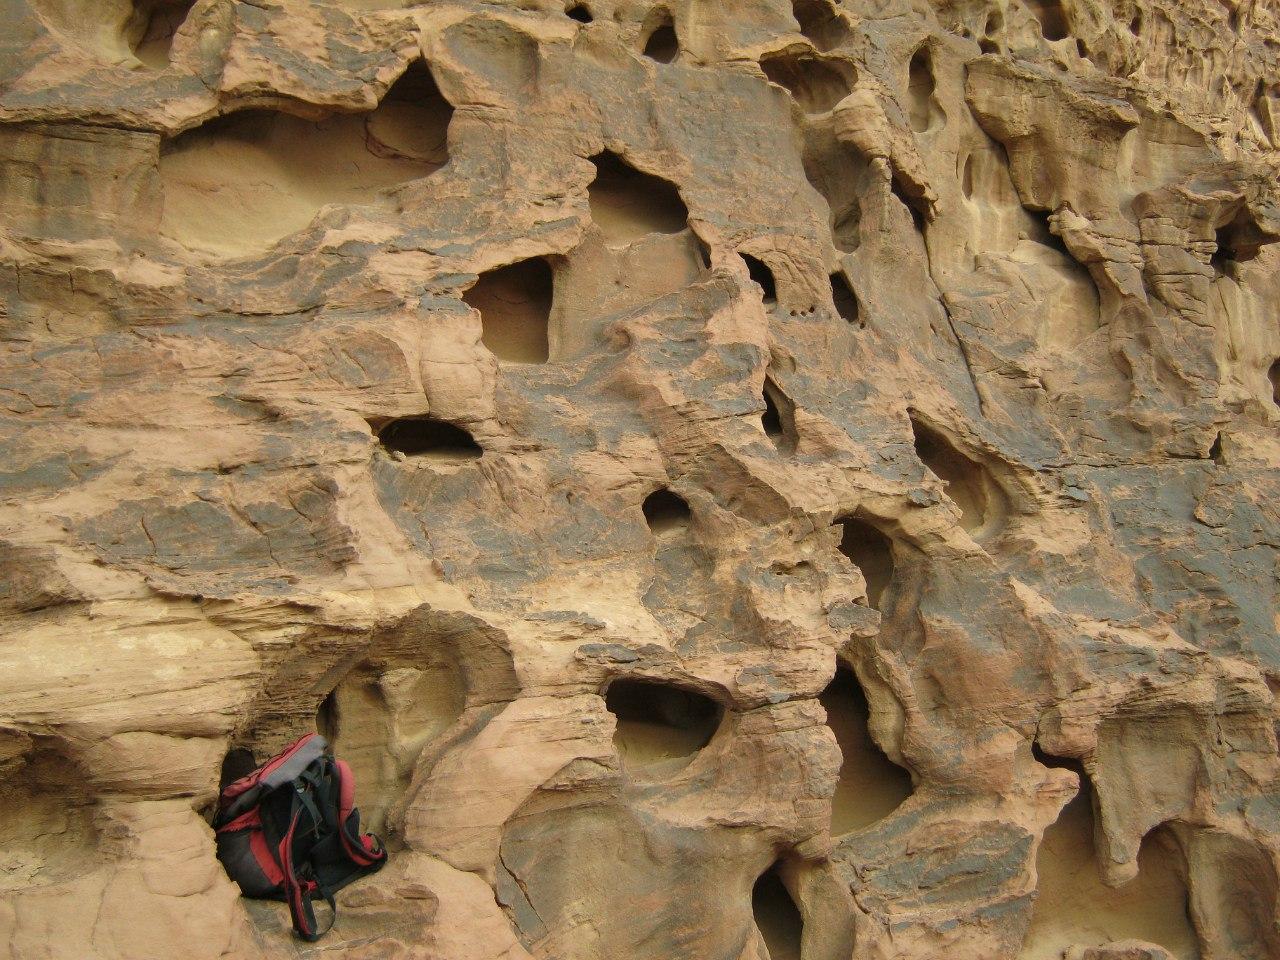 рюкзак в одной из дырок скалы